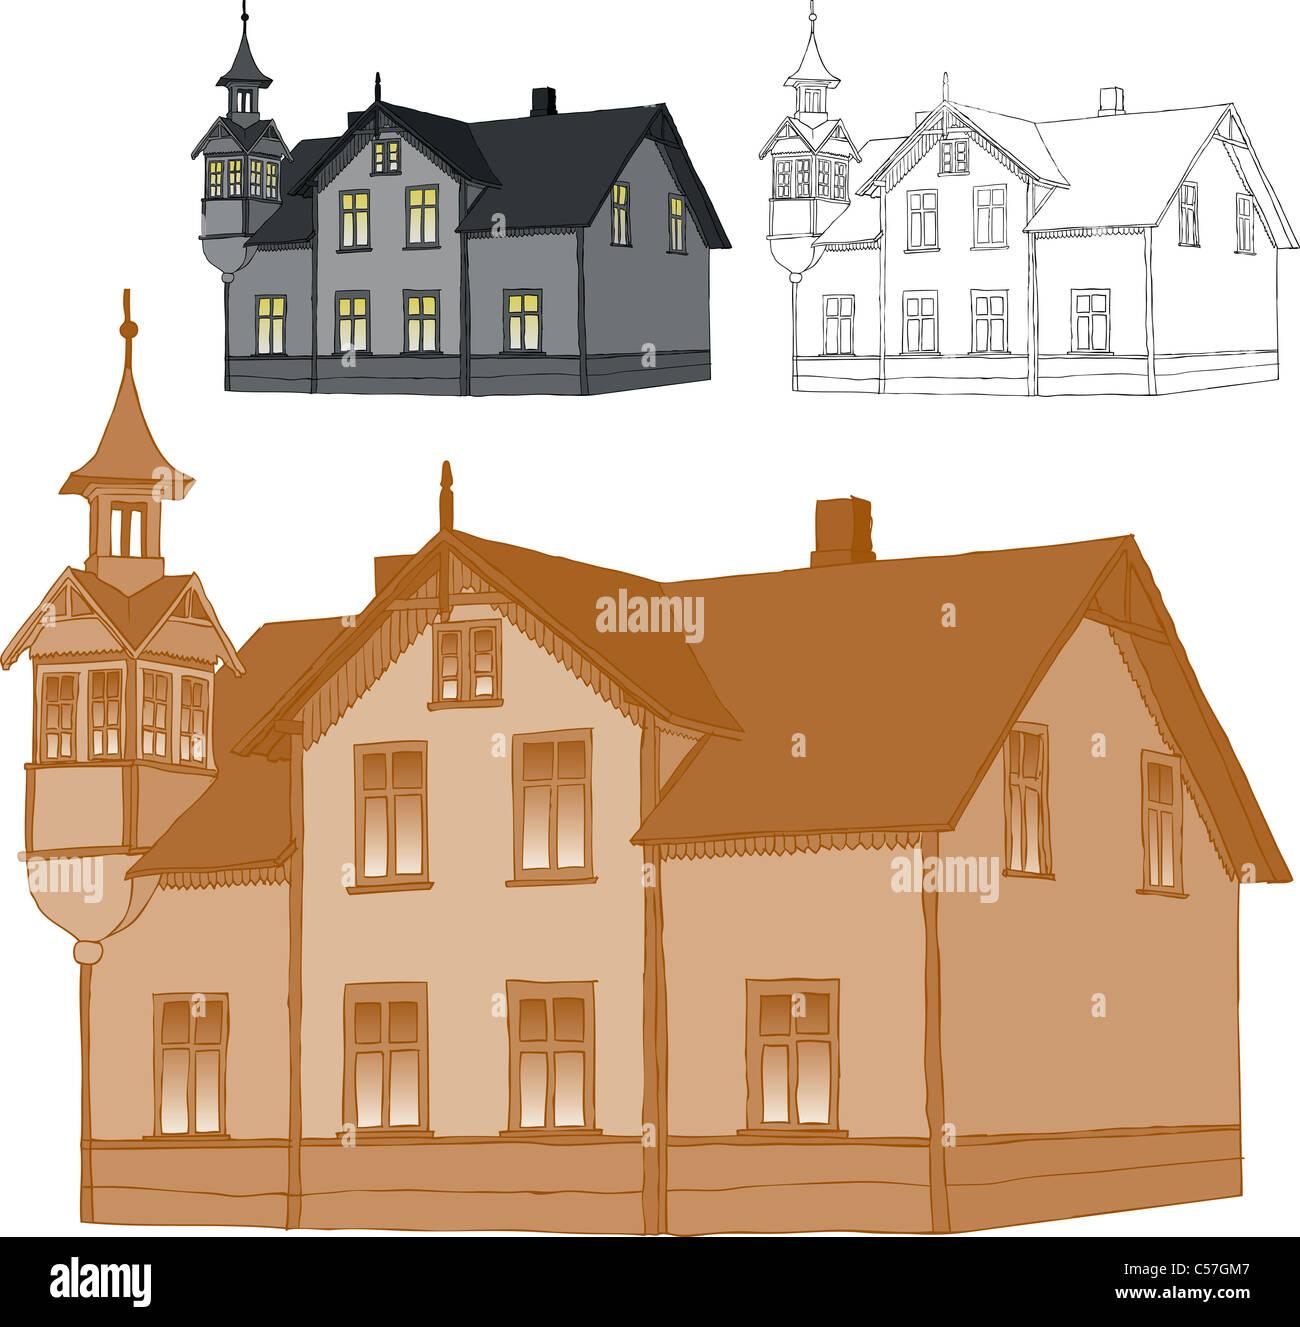 Ancienne maison de famille romantique trace de dessin libre seulement un colur utilisée pour faciliter le changement de couleur